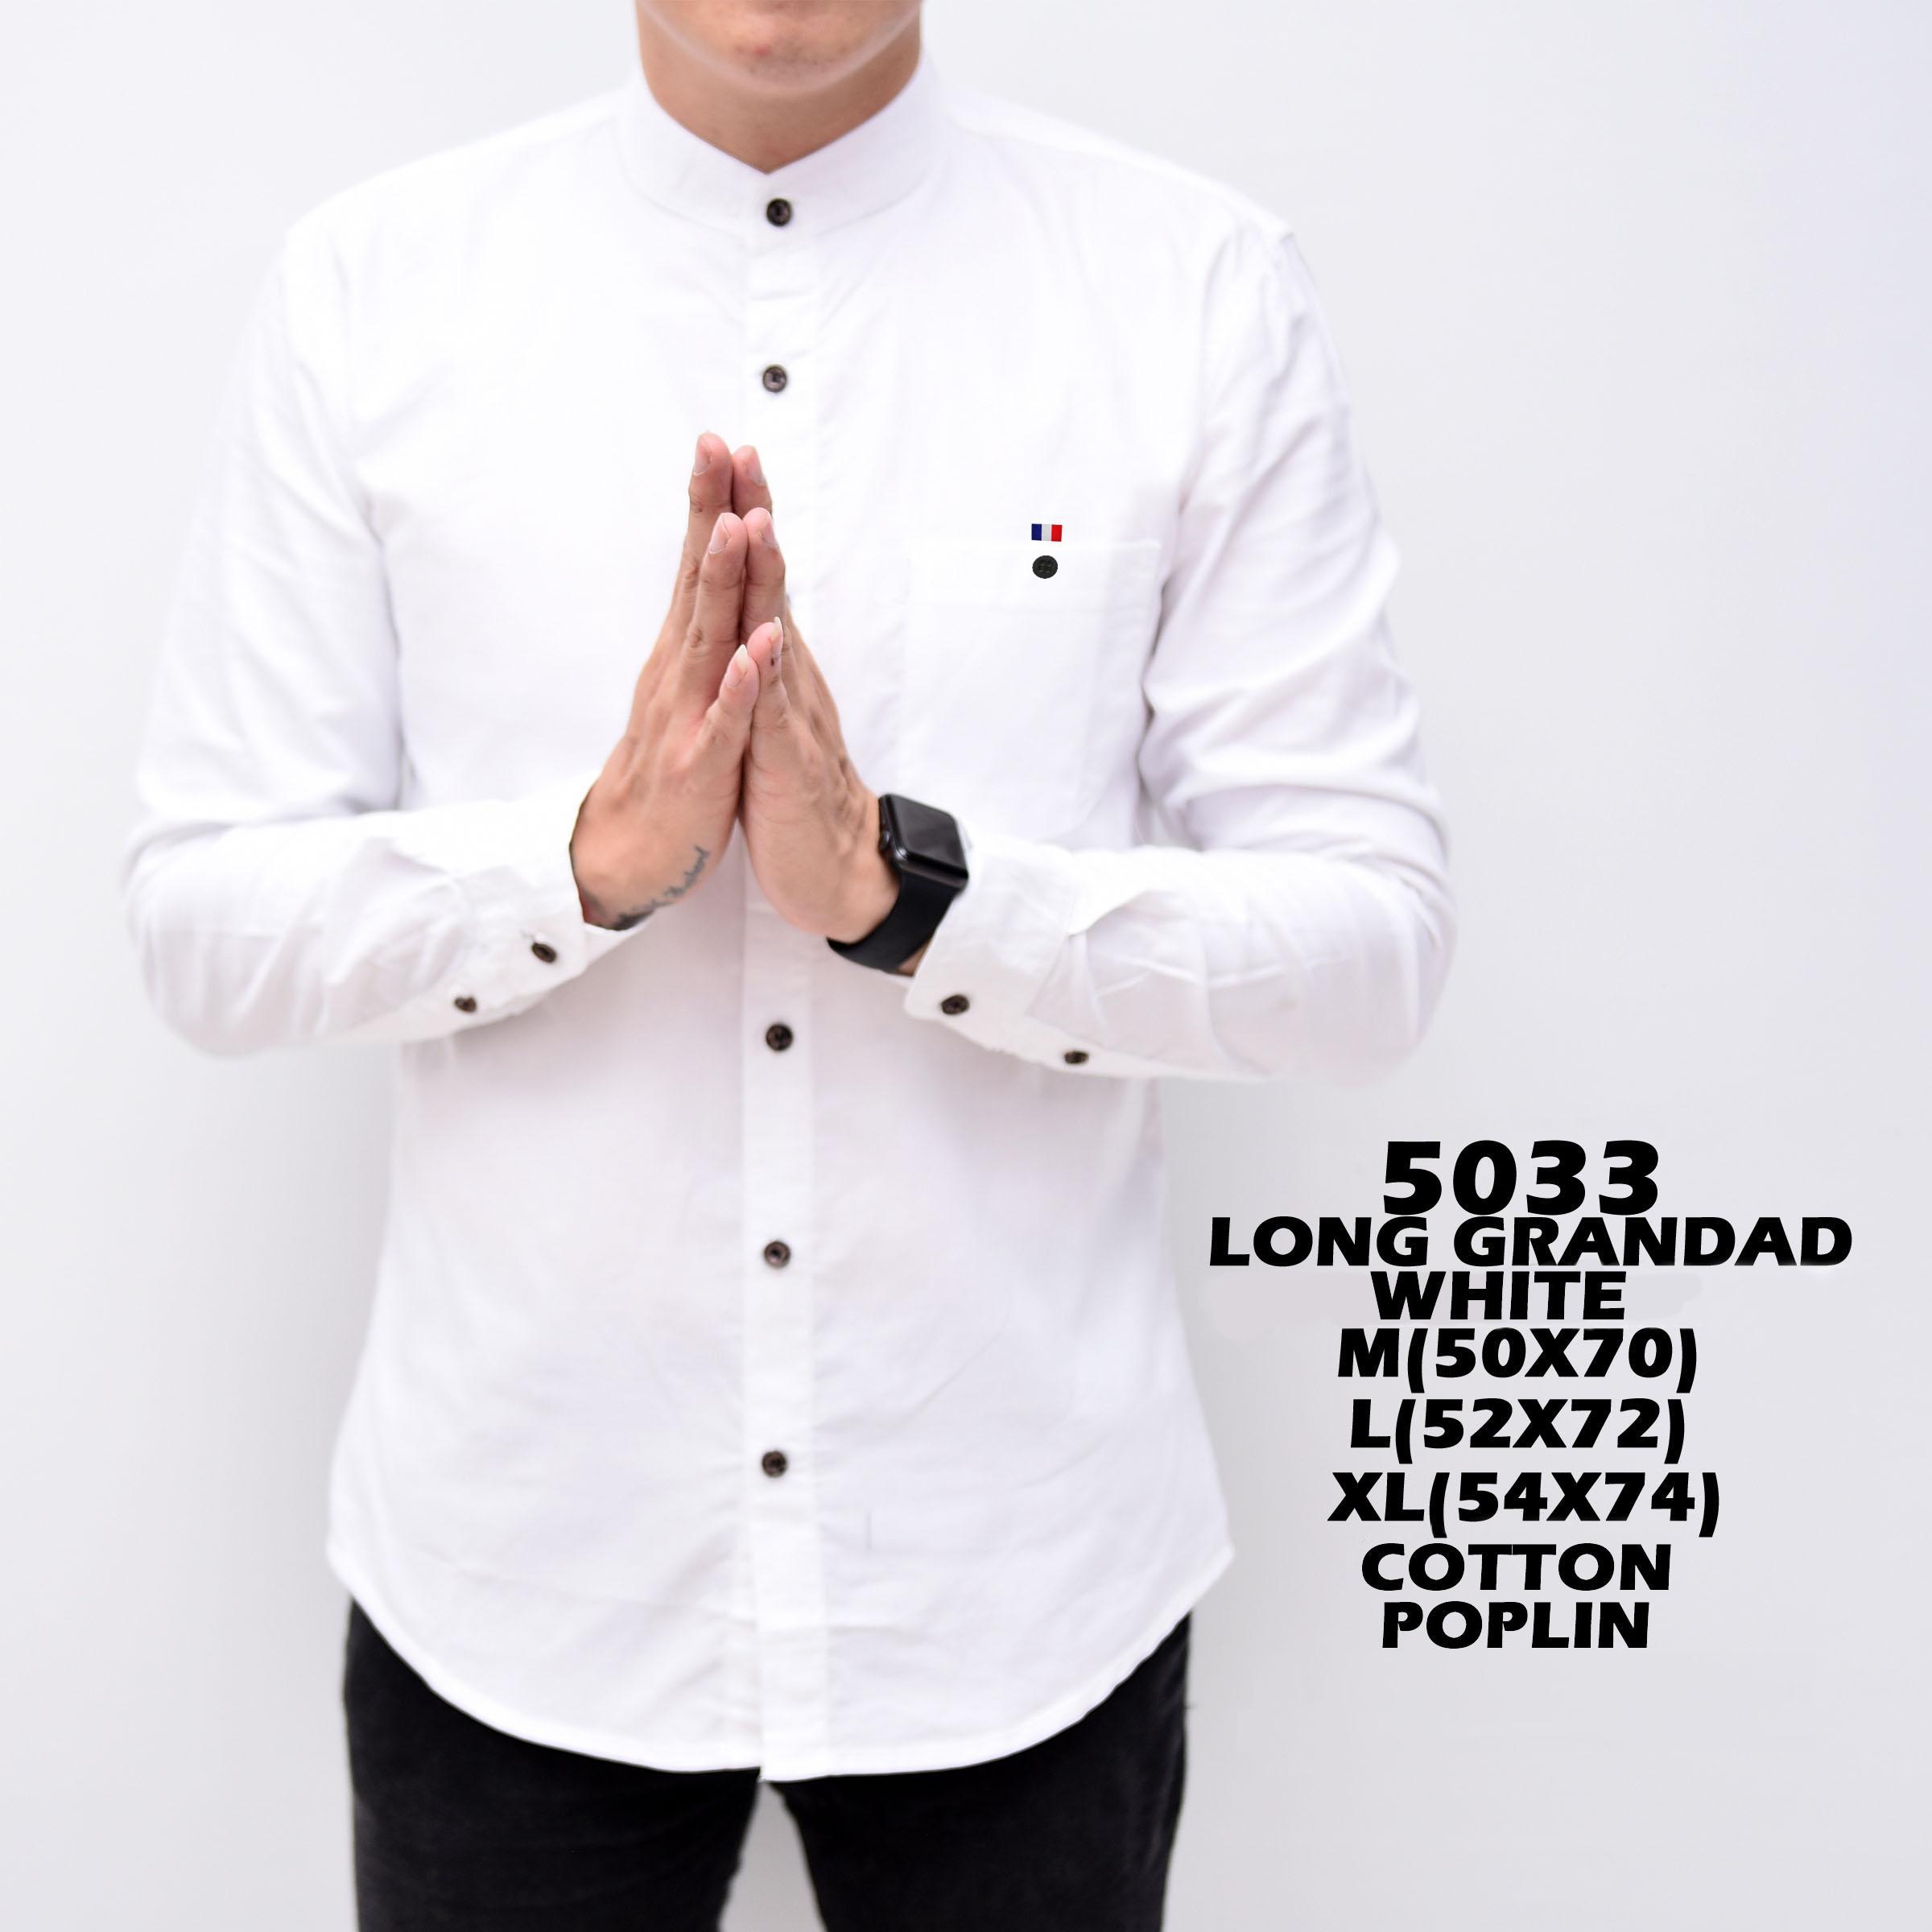 Baju Hem Kemeja Pria Cowok Lengan Panjang Kerah Shanghay Slimfit White Simple Putih Polos Distro Grosir Murah